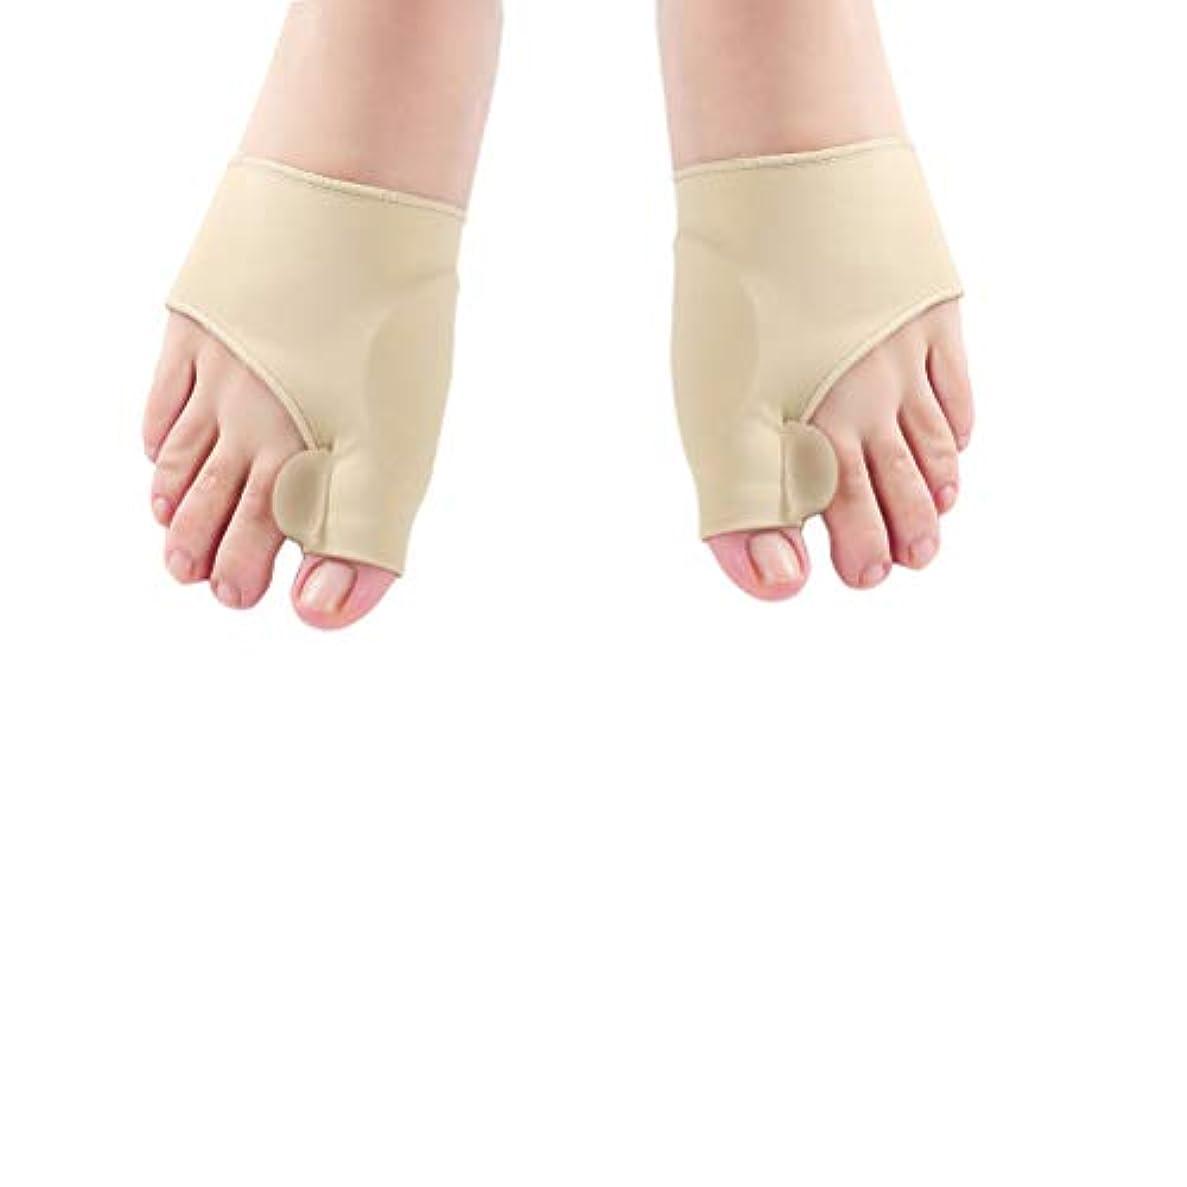 ブラウズ彼ら同一性Healifty un補正器つま先矯正外反母趾矯正器親指整形外科用腱板副木親指分離器鎮痛剤昼夜使用 - サイズs(カーキ)